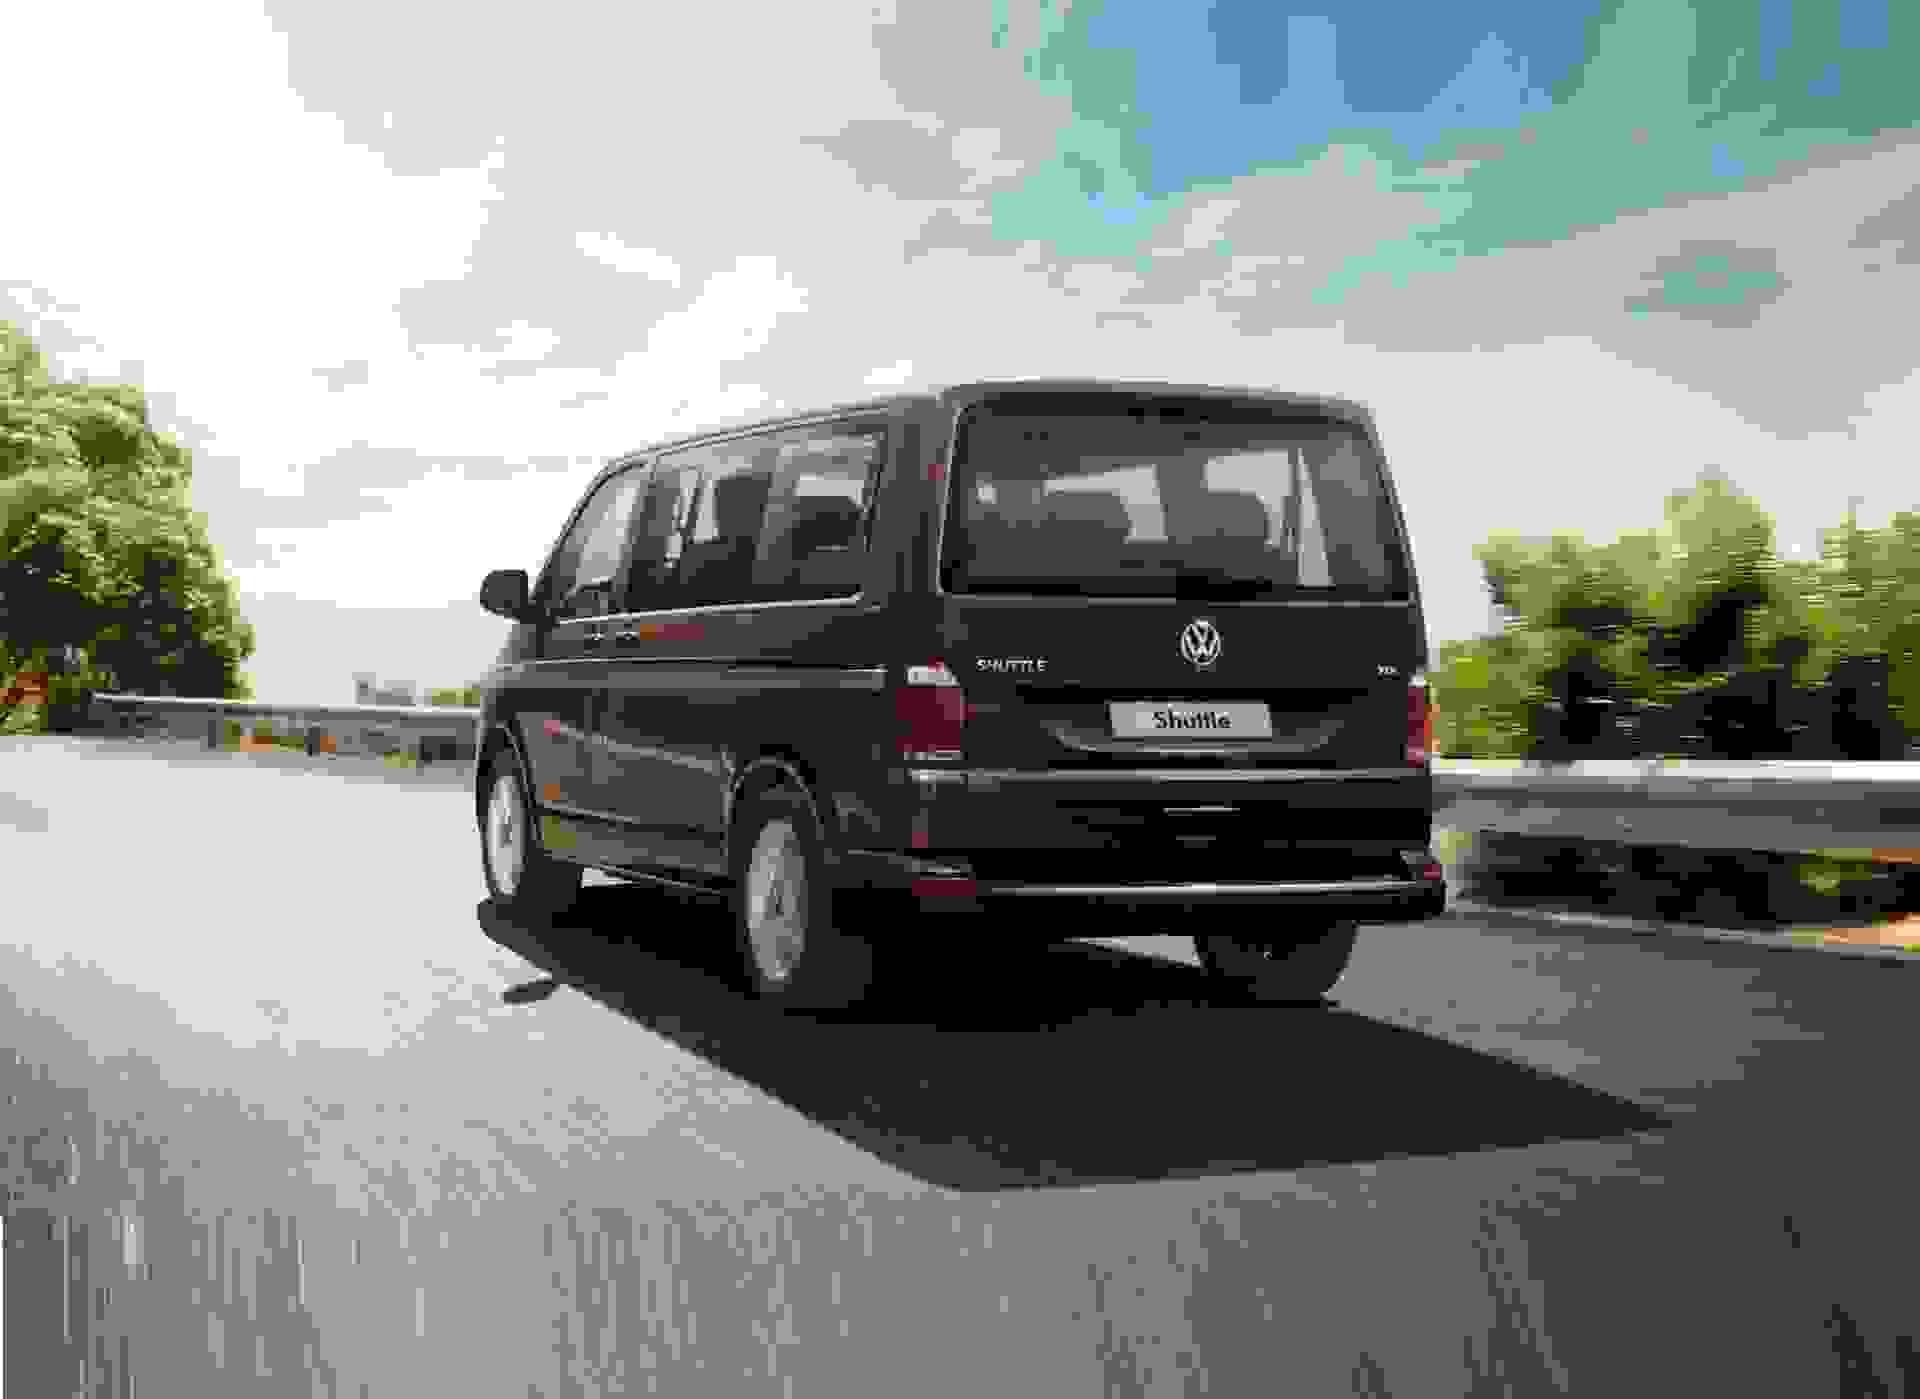 Transporter 6.1 shuttle